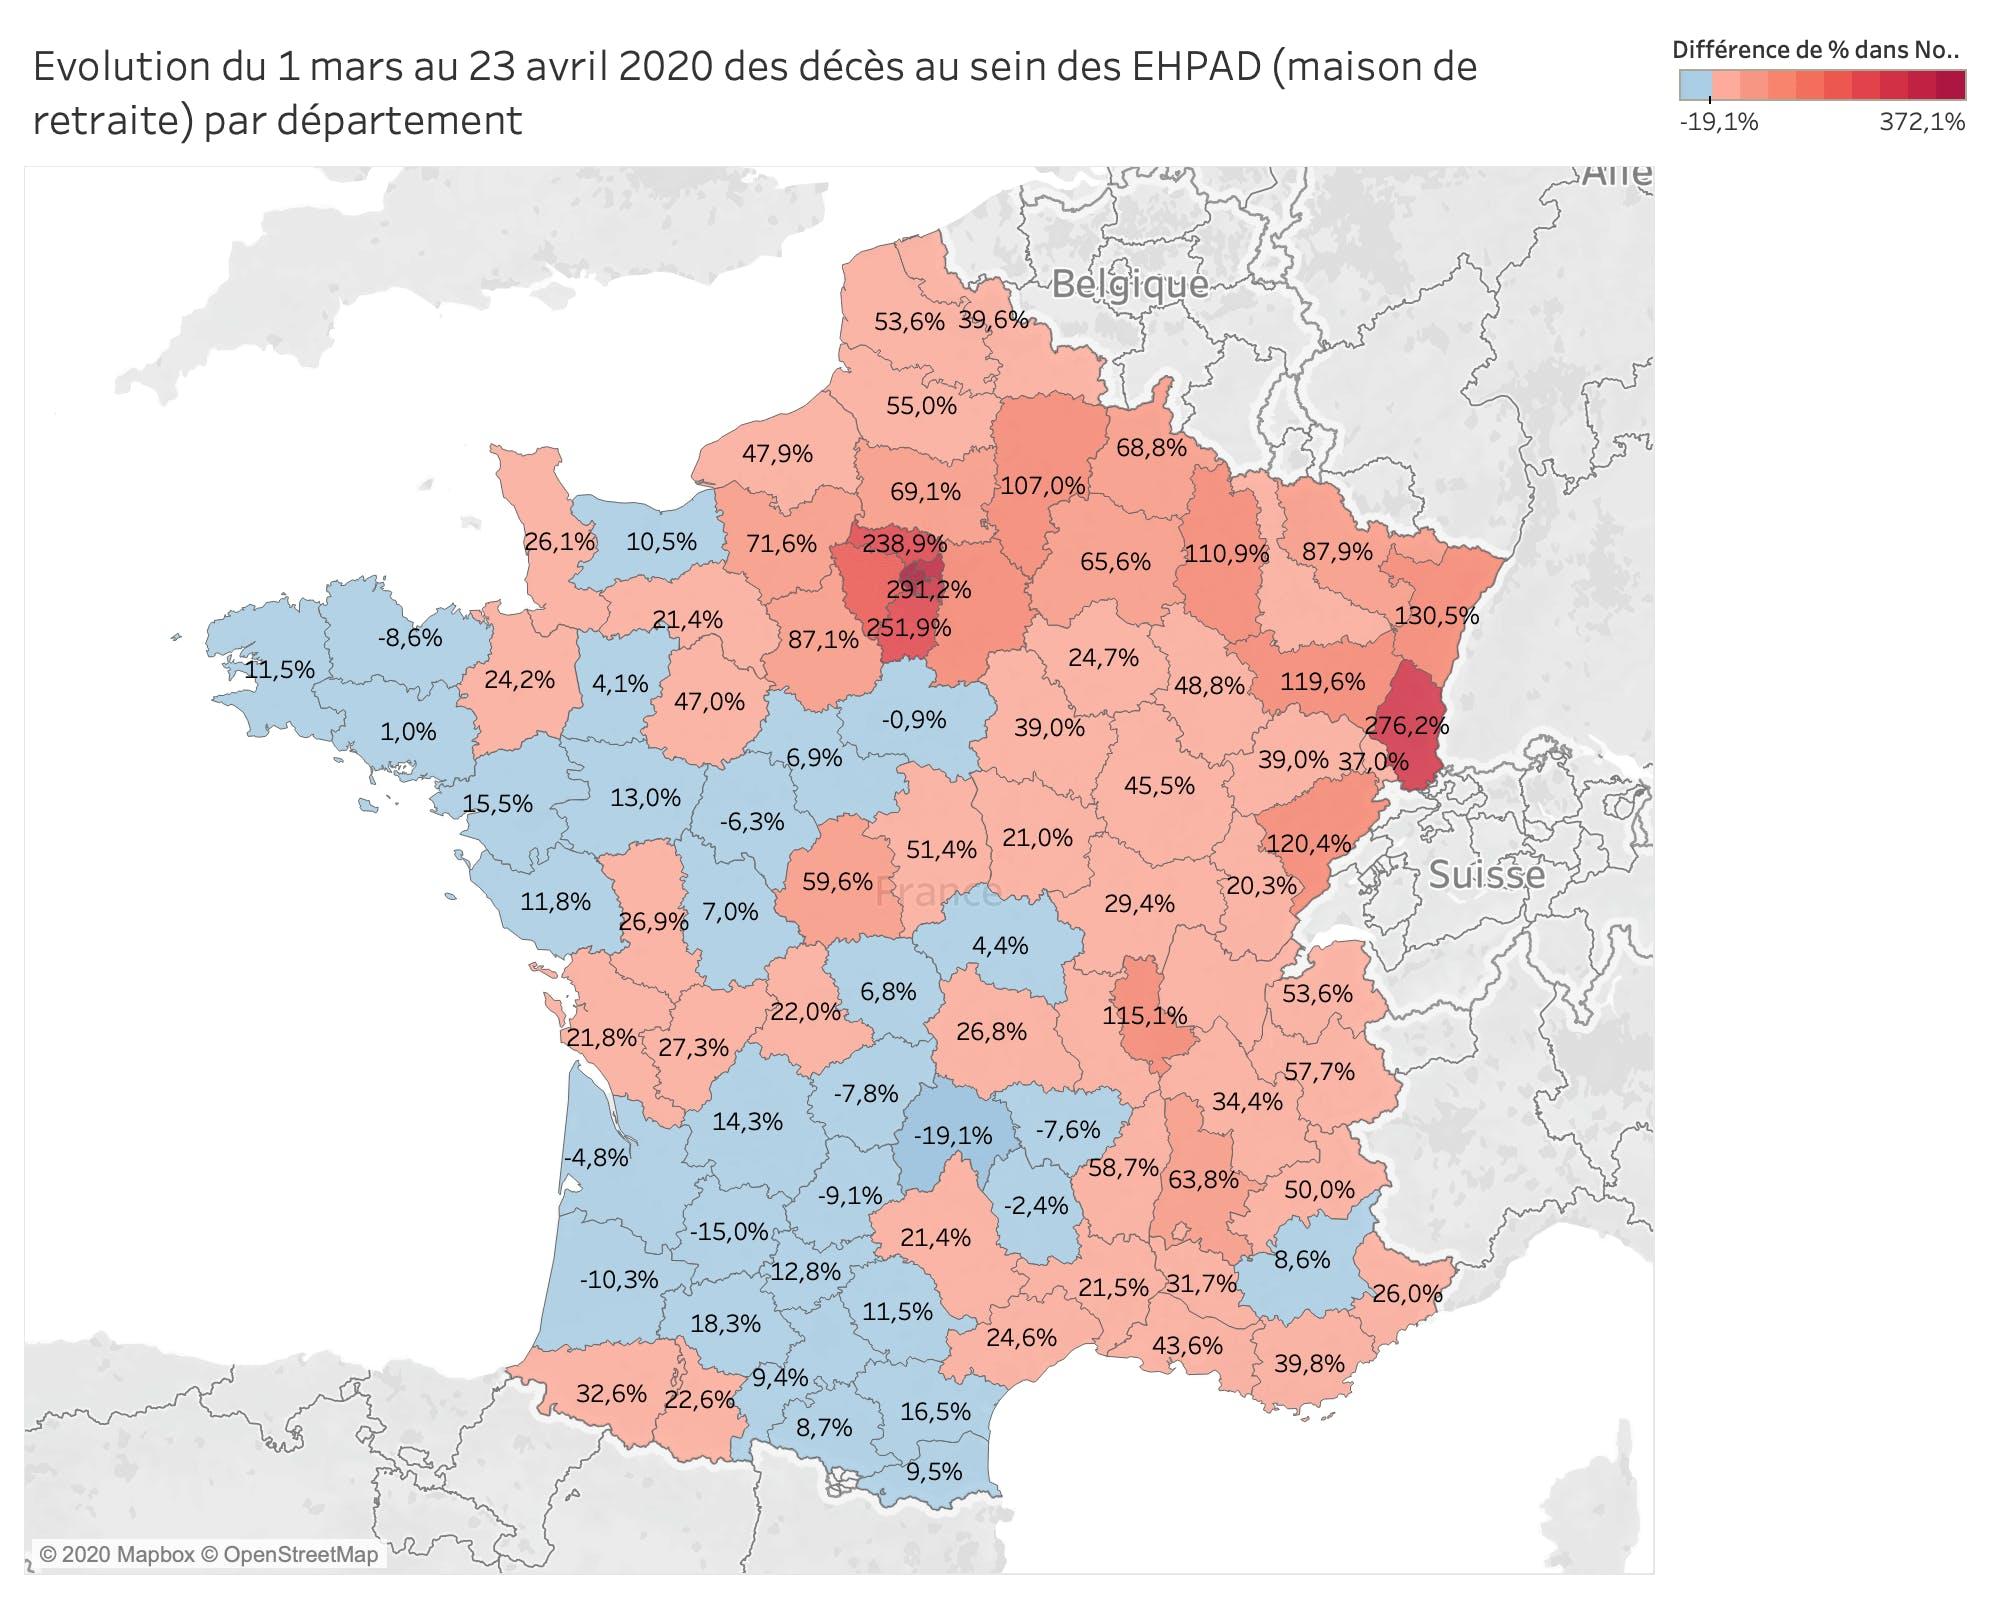 Evolution du 1 mars au 23 avril des décès au sein des EHPAD (maison de retraite) par département